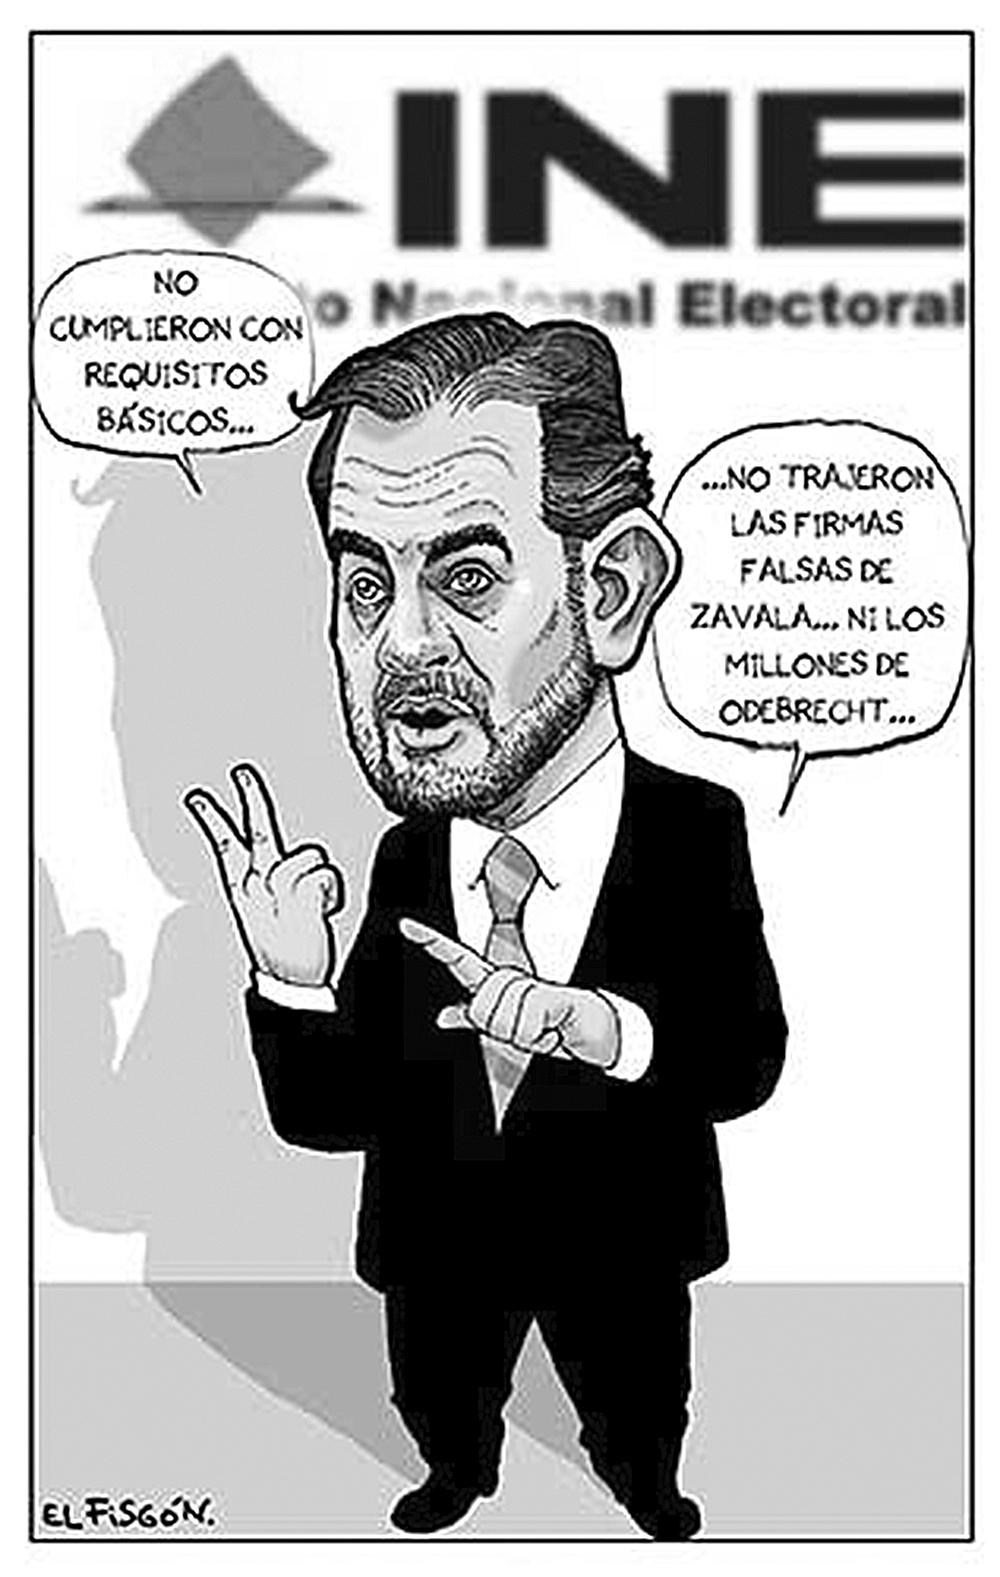 CANDIDATURAS CANCELADAS | Fisgón